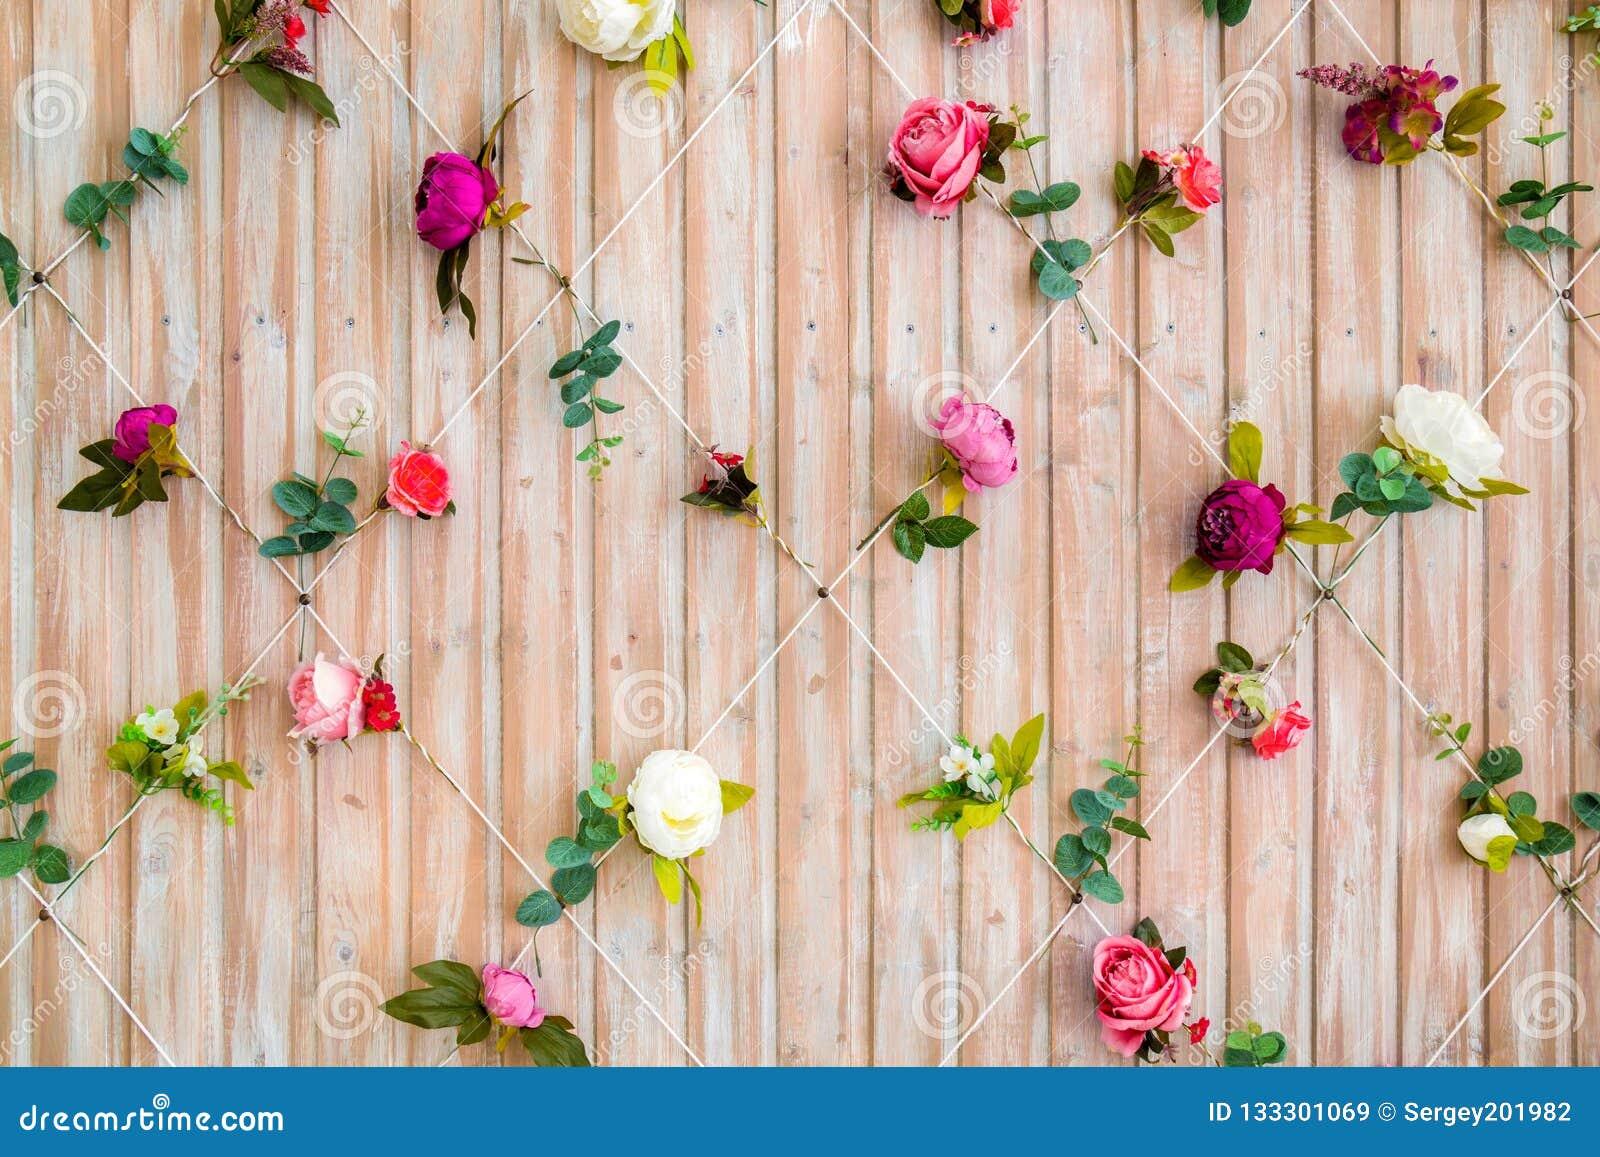 Parede das placas de madeira decoradas com flores Fundo bonito para o estúdio da foto